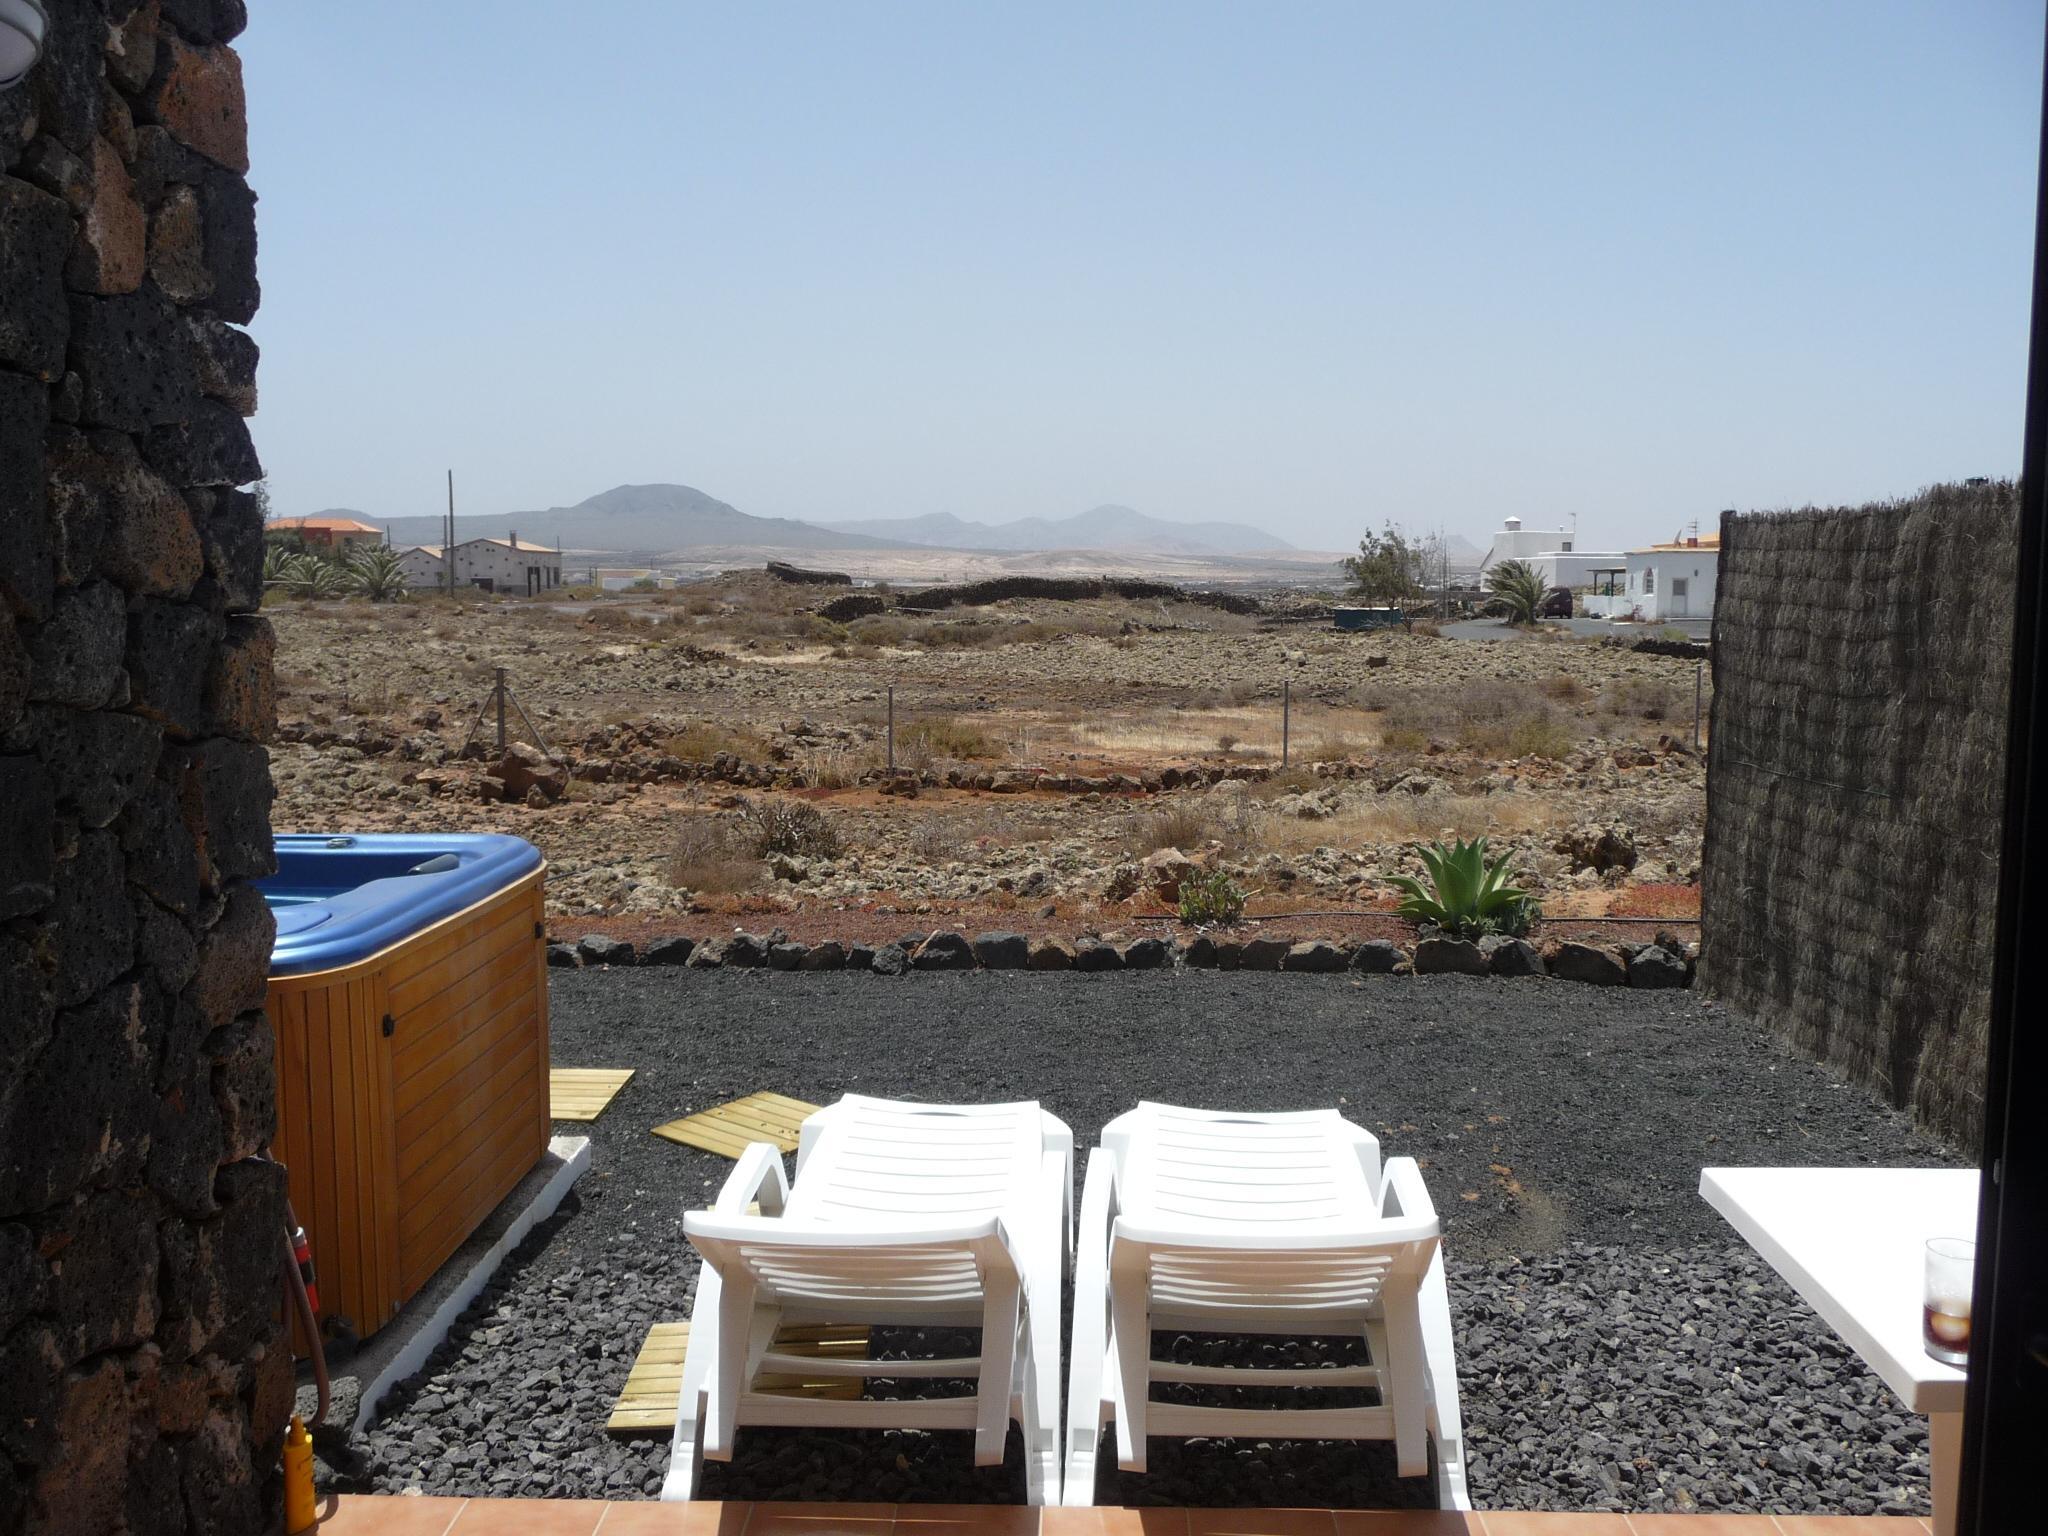 Villas Rurales Morros del Cabo